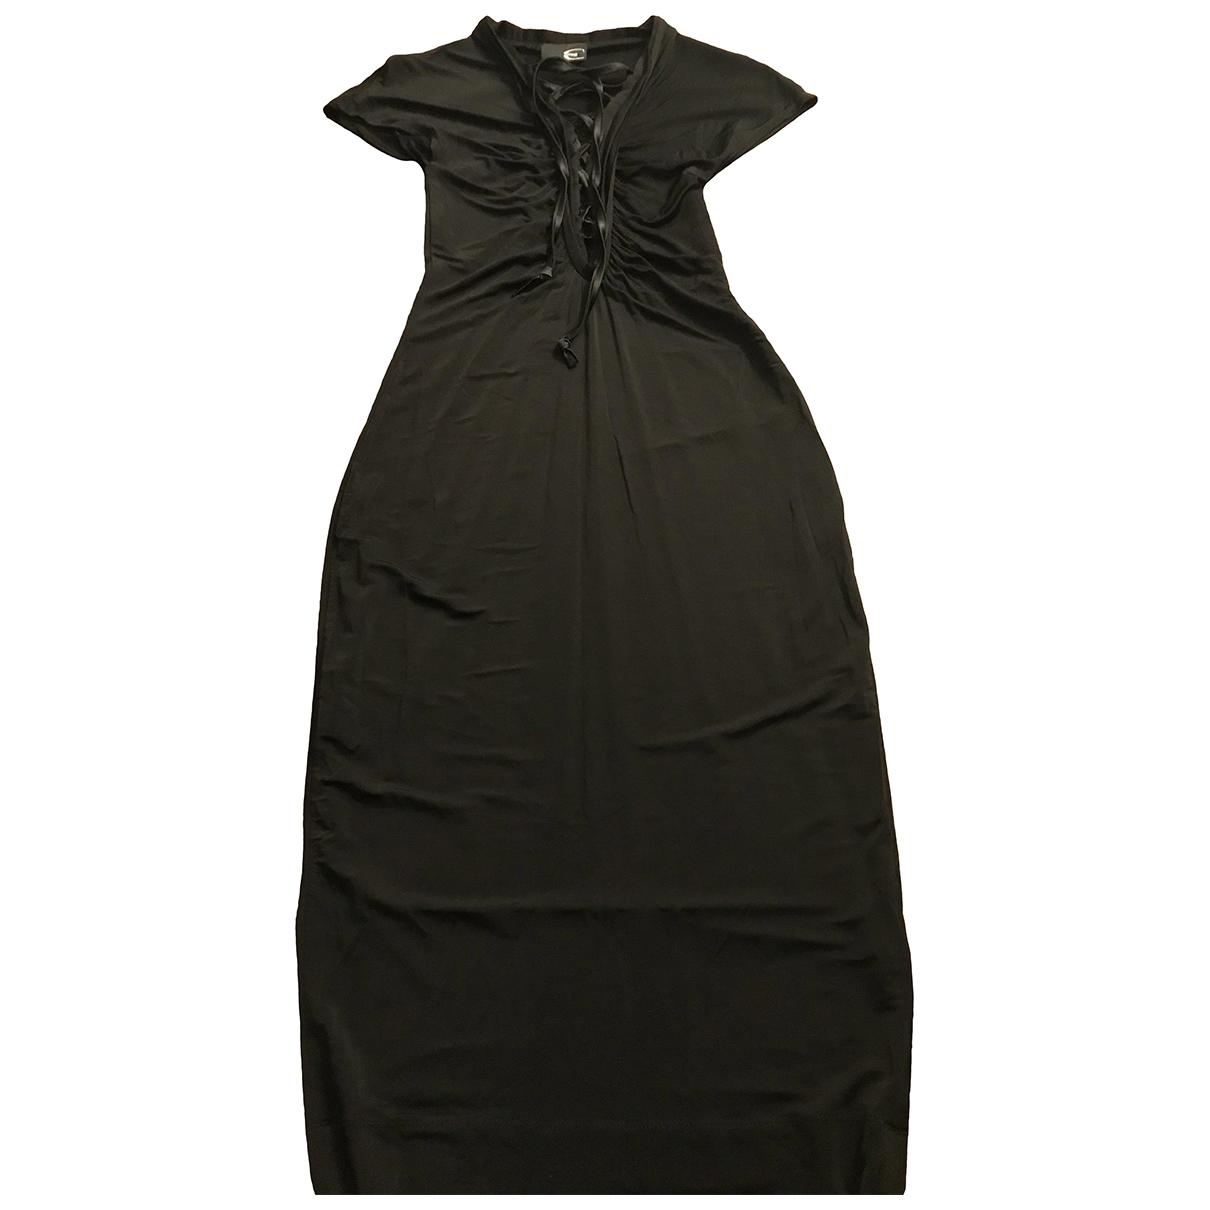 Just Cavalli \N Black dress for Women 40 IT